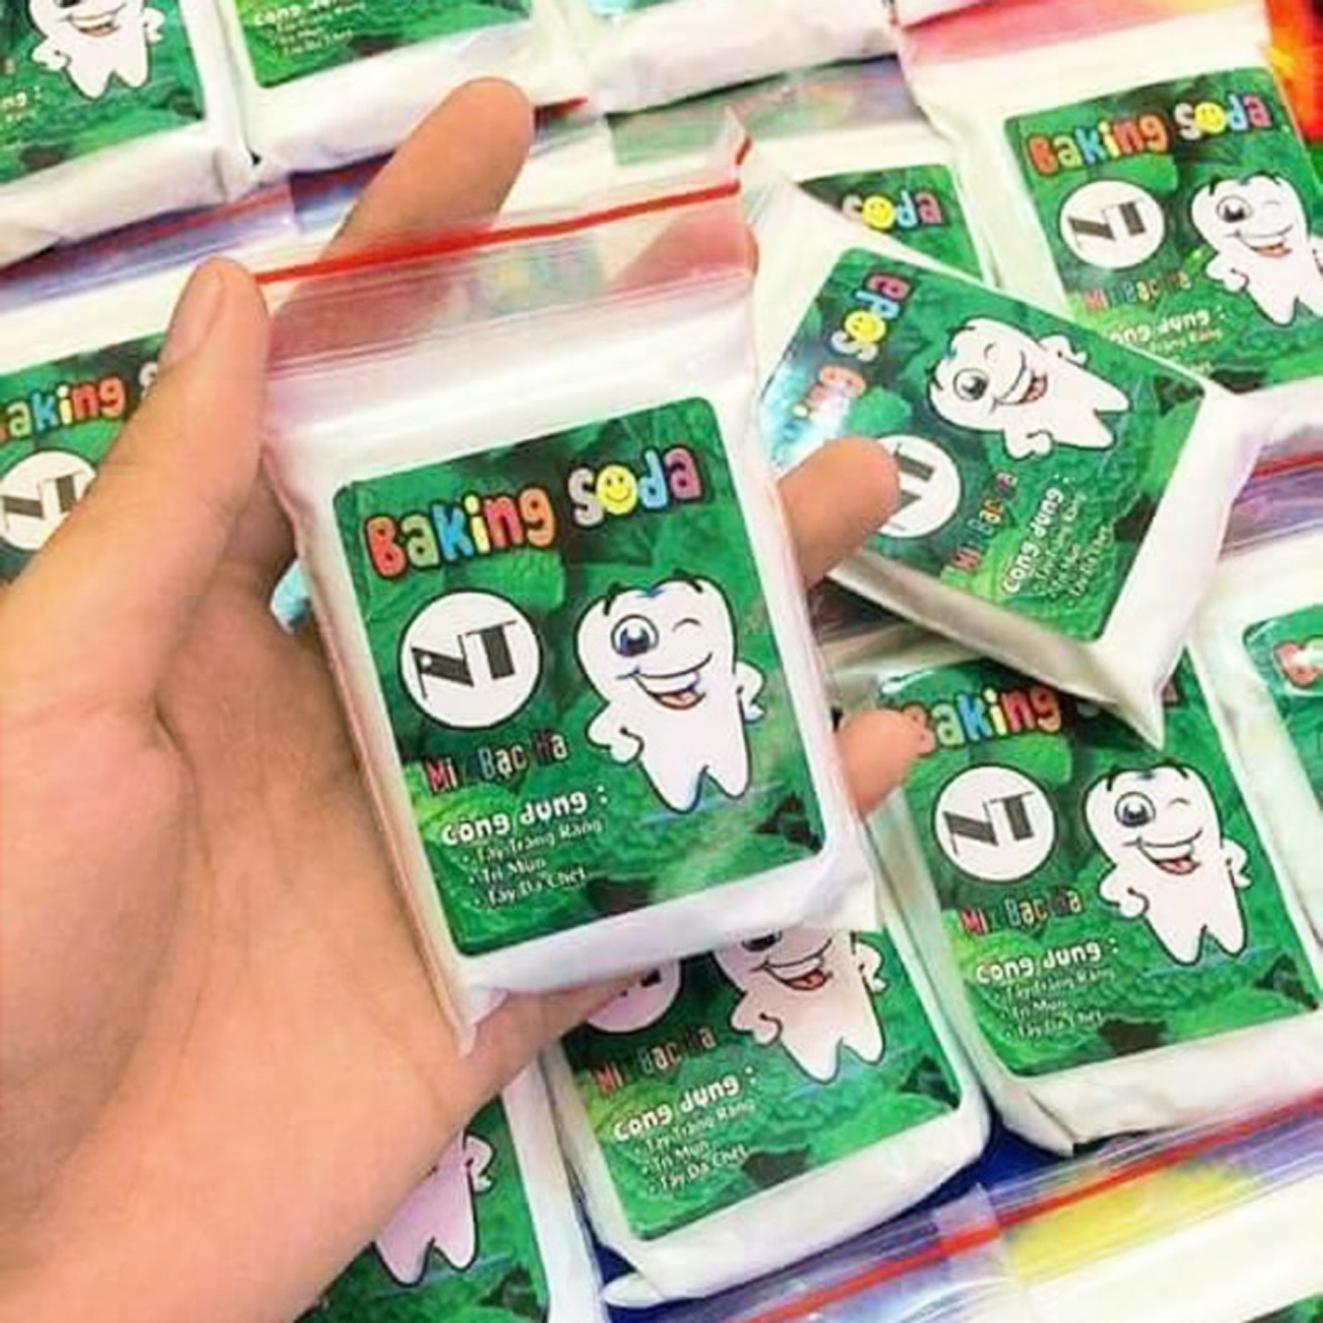 Các sản phẩm tẩy trắng răng không rõ nguồn gốc, chất lượng được rao bán tràn lan, tiềm ẩn nguy cơ gây hại cho người sử dụng - ẢNH: N.CẨM